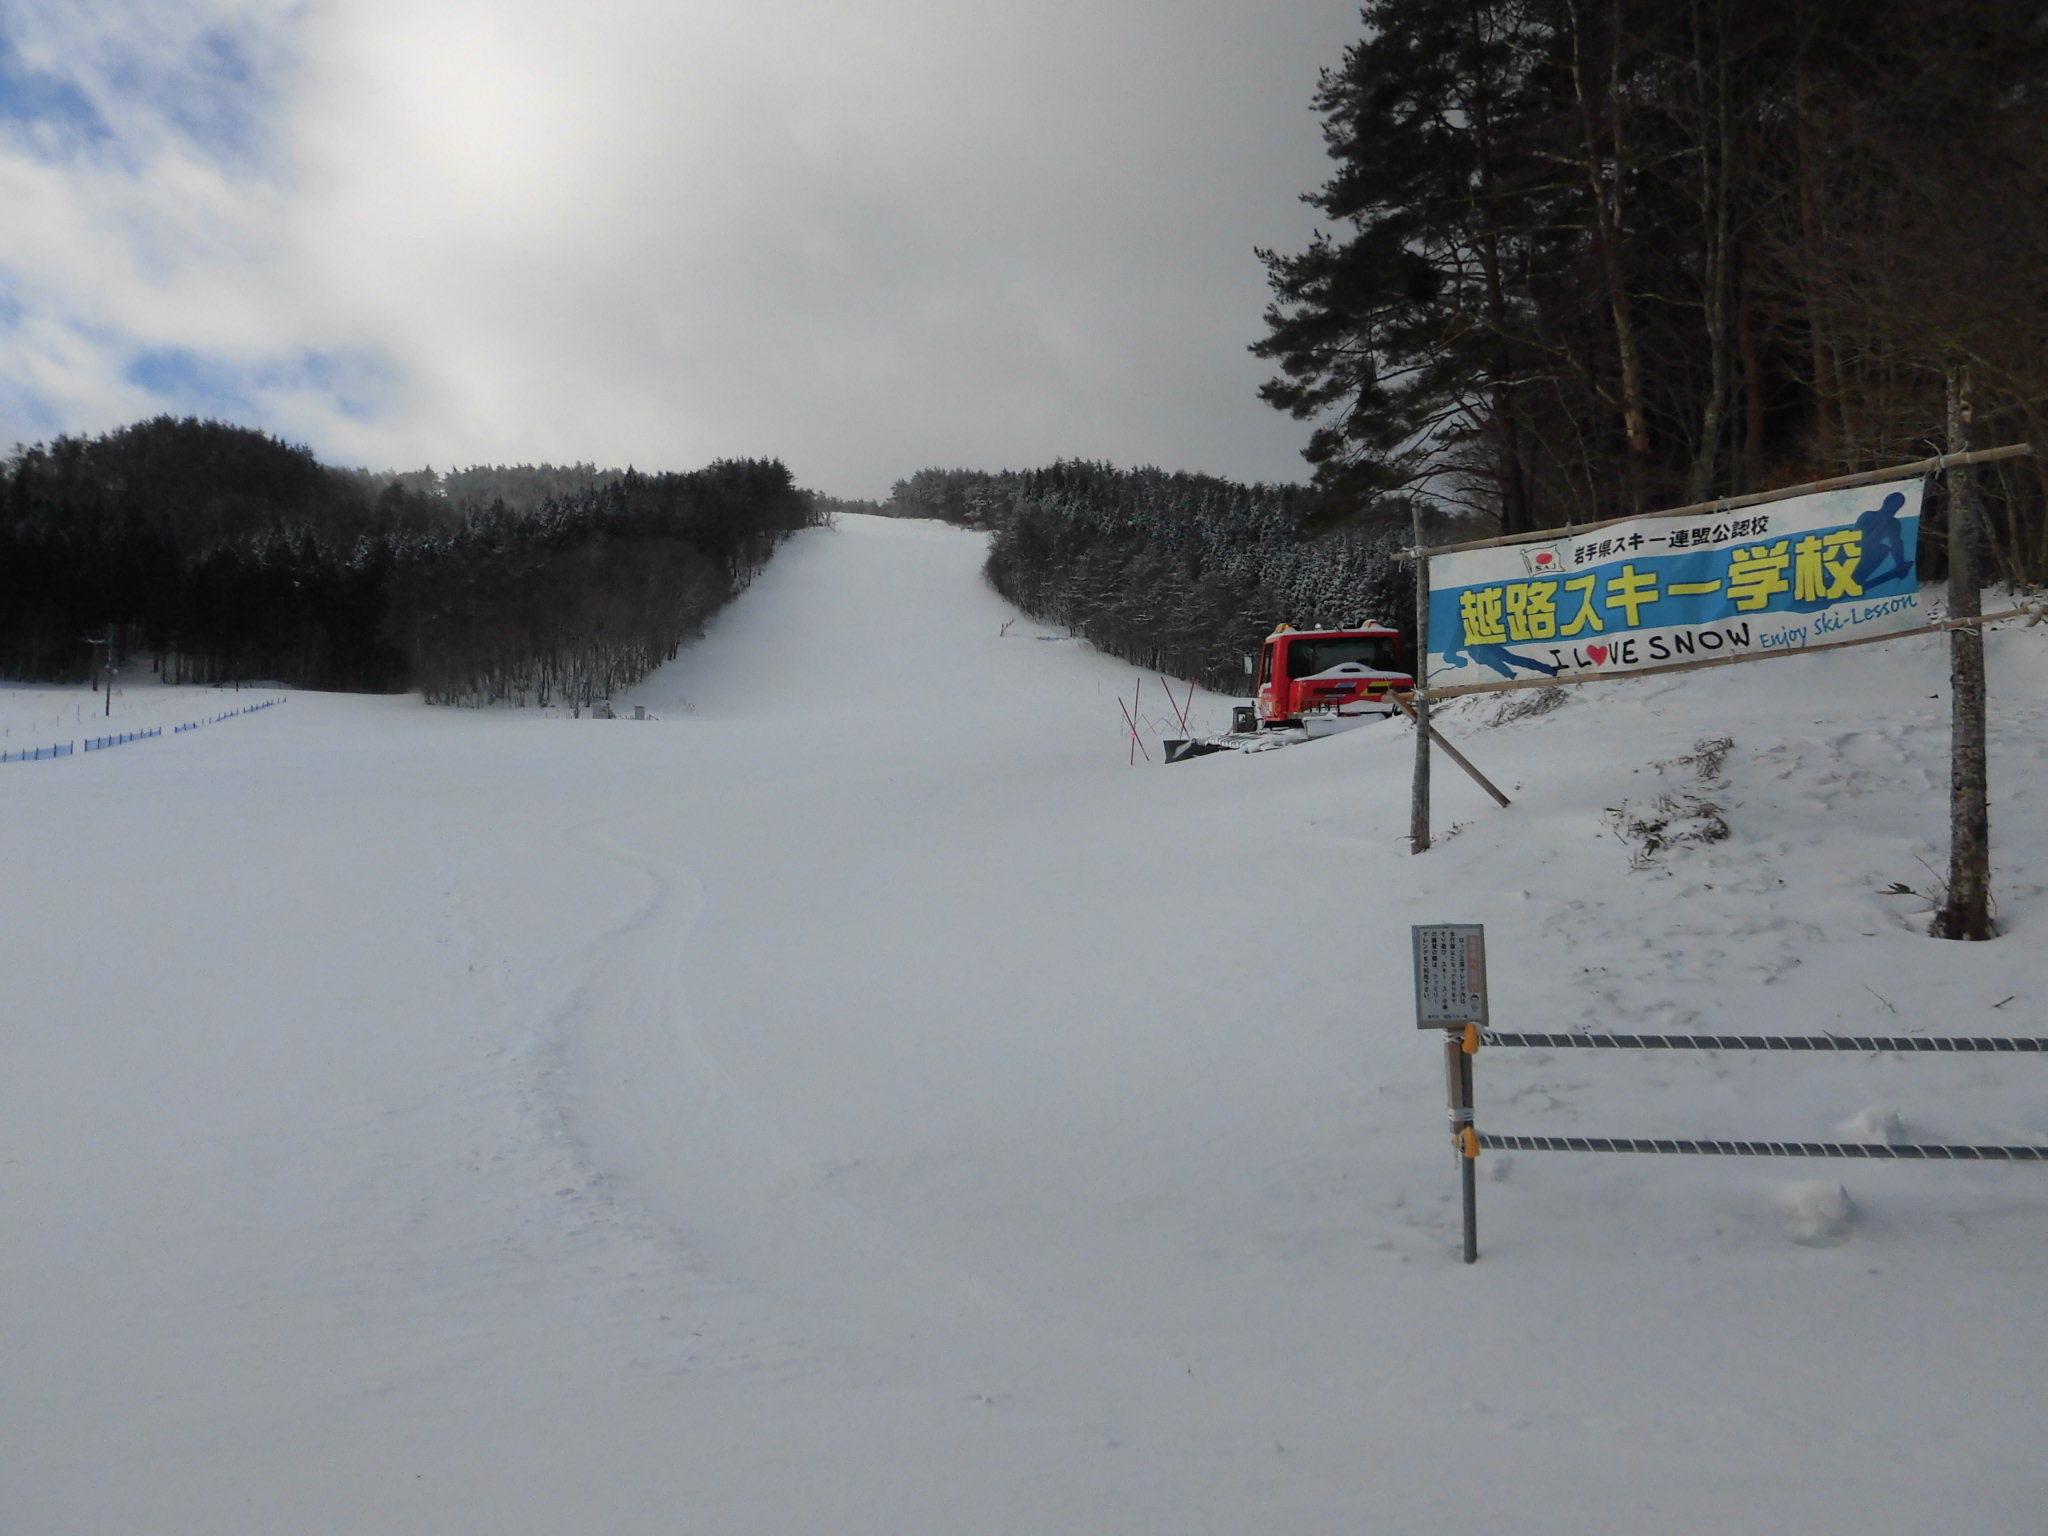 令和3年2月 25日(木)天気/晴 気温/-7℃ 風/無 積雪/70㎝ 滑走可能_e0306207_08170102.jpg